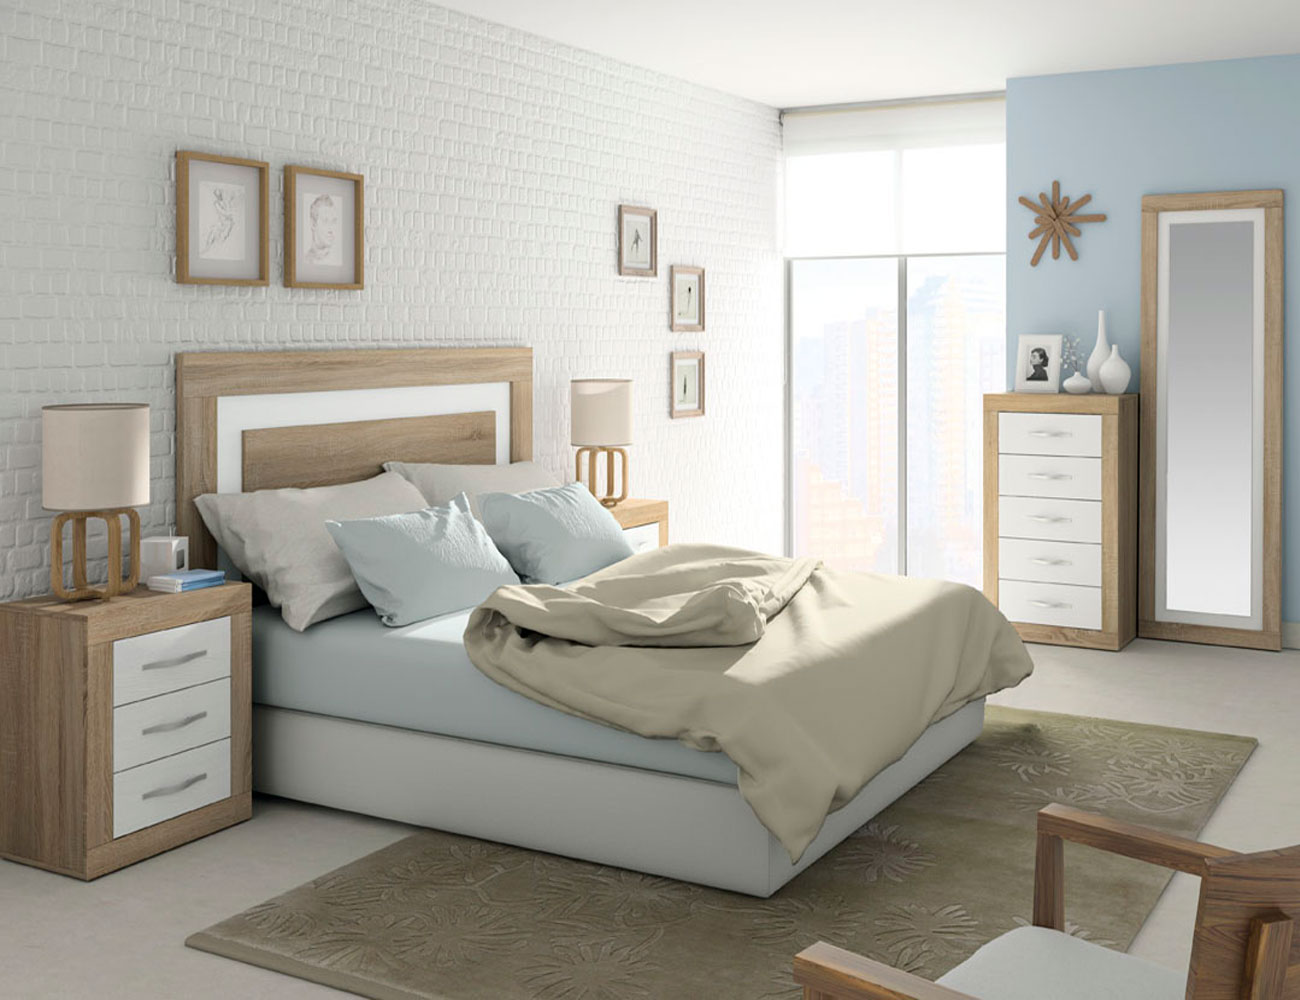 284 dormitorio matrimonio cambrian soul blanco